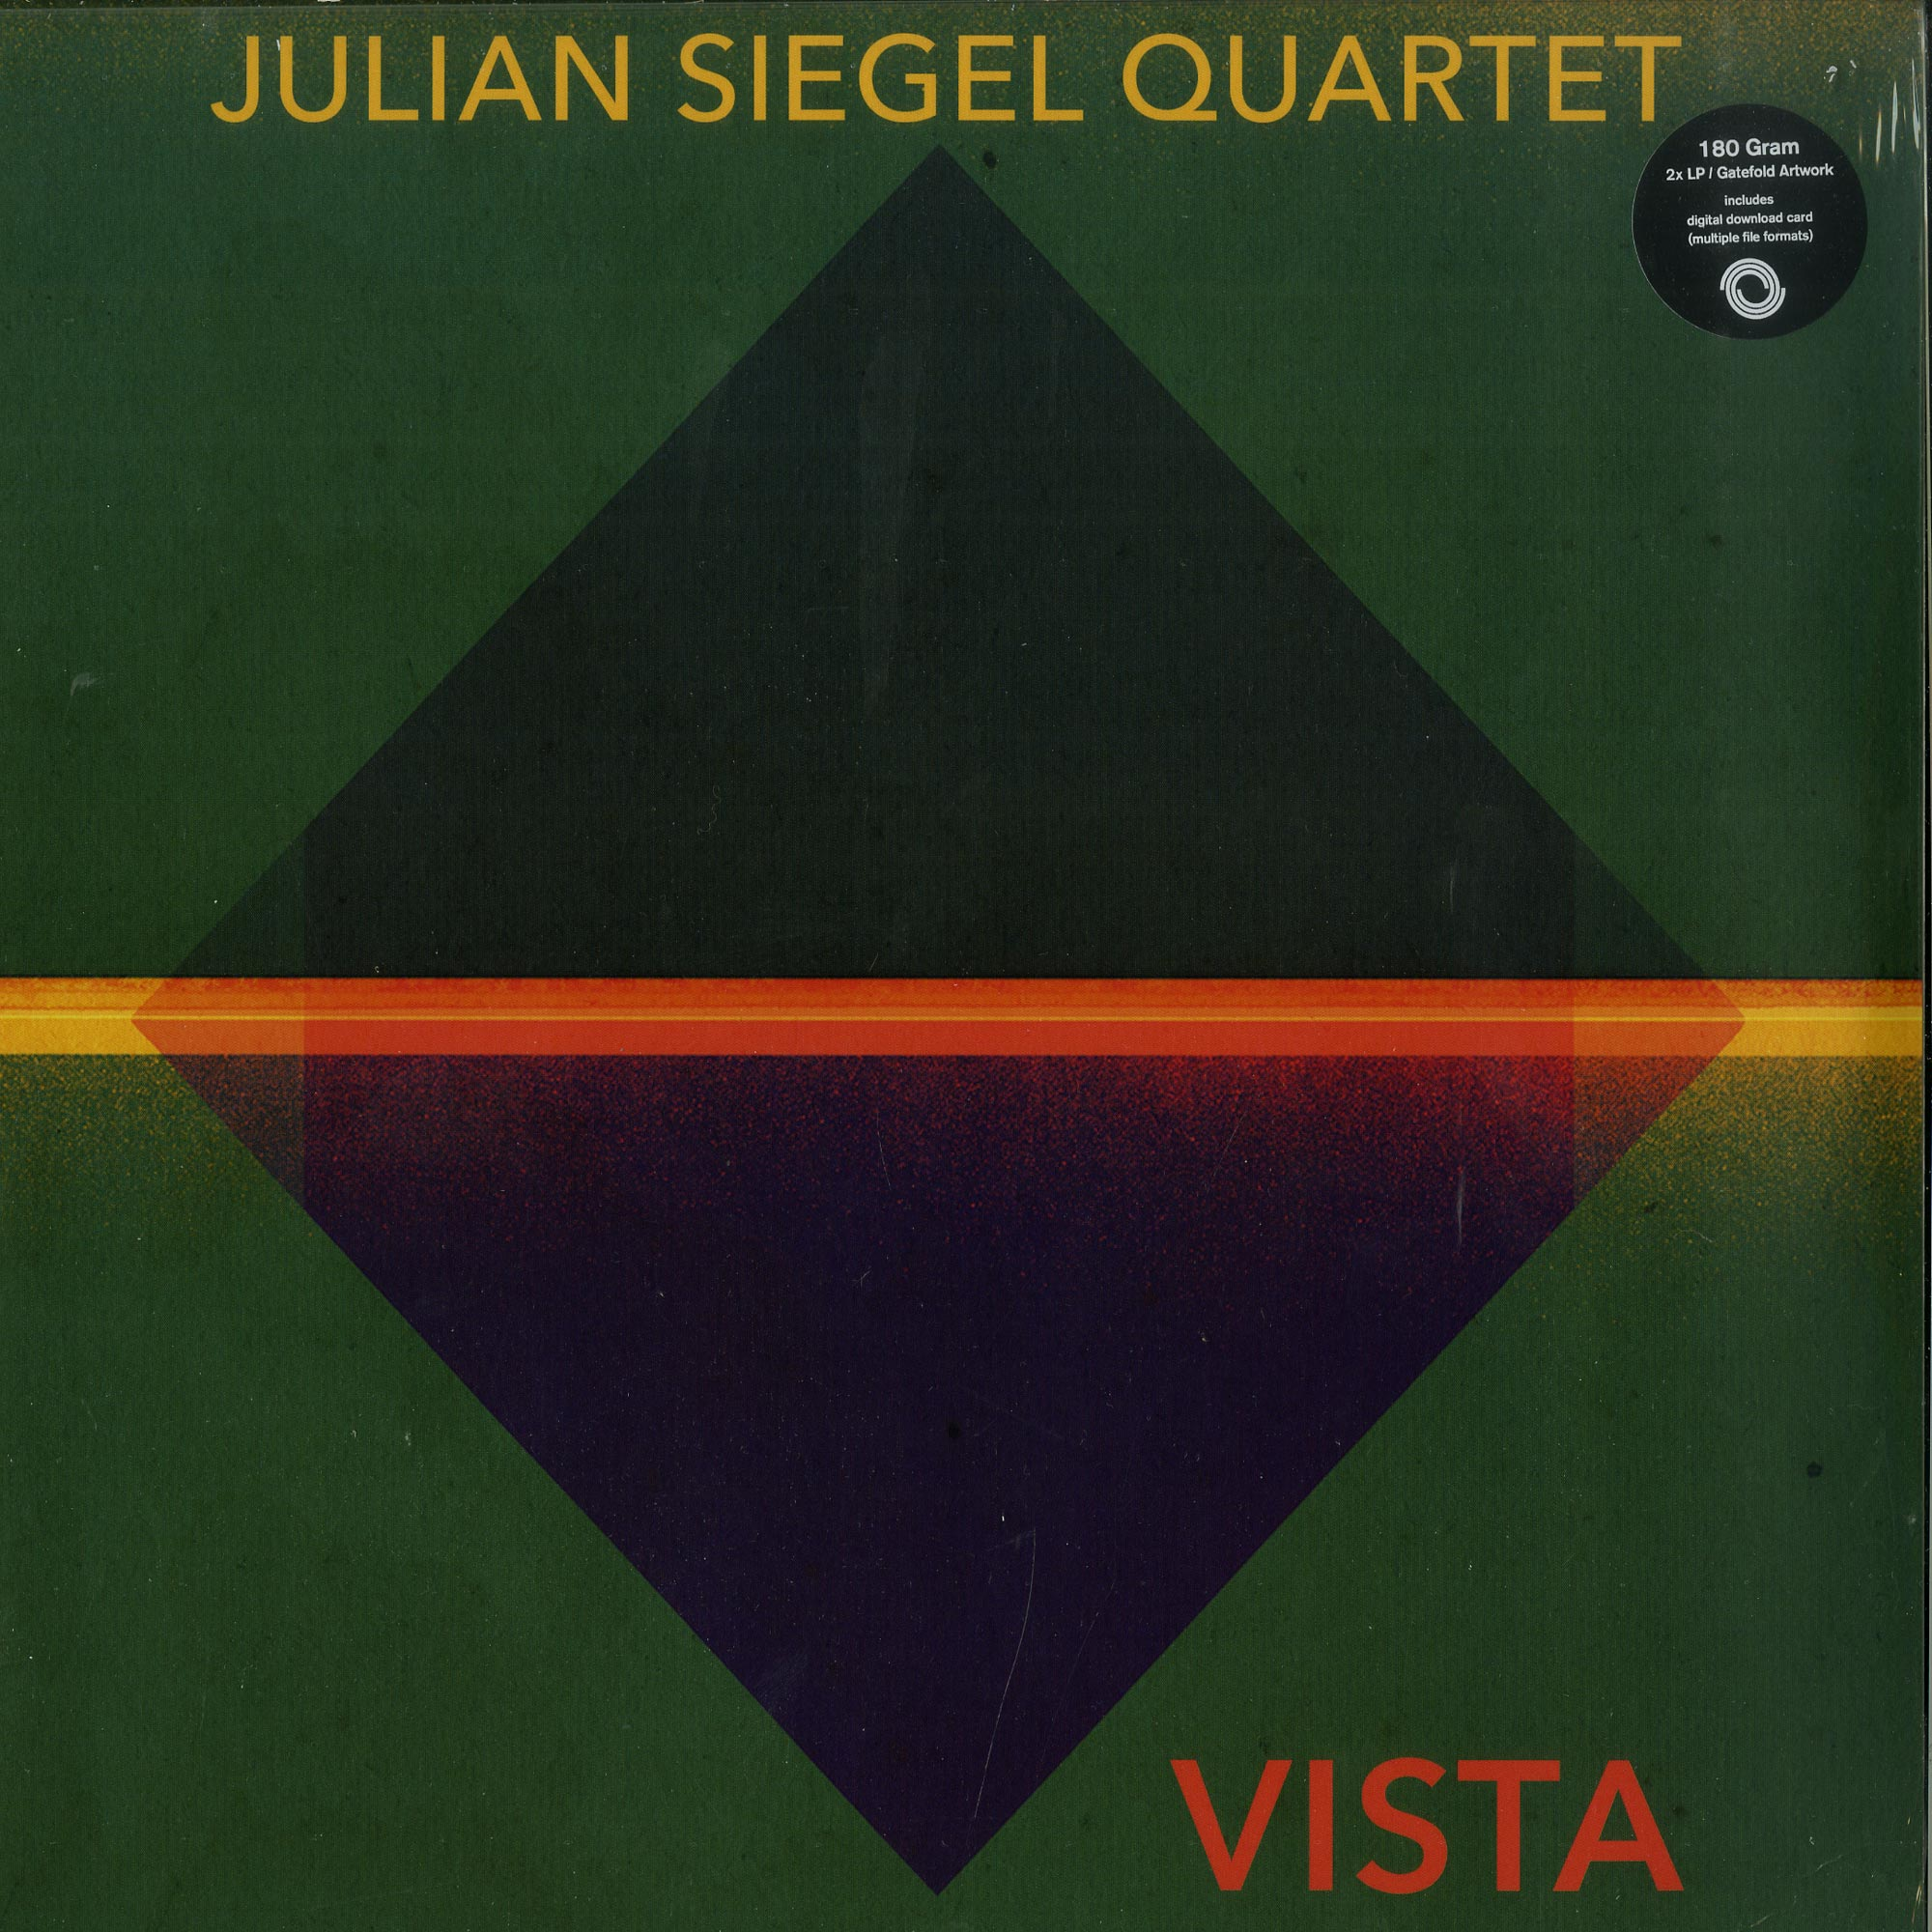 Julian Siegel Quartet - VISTA